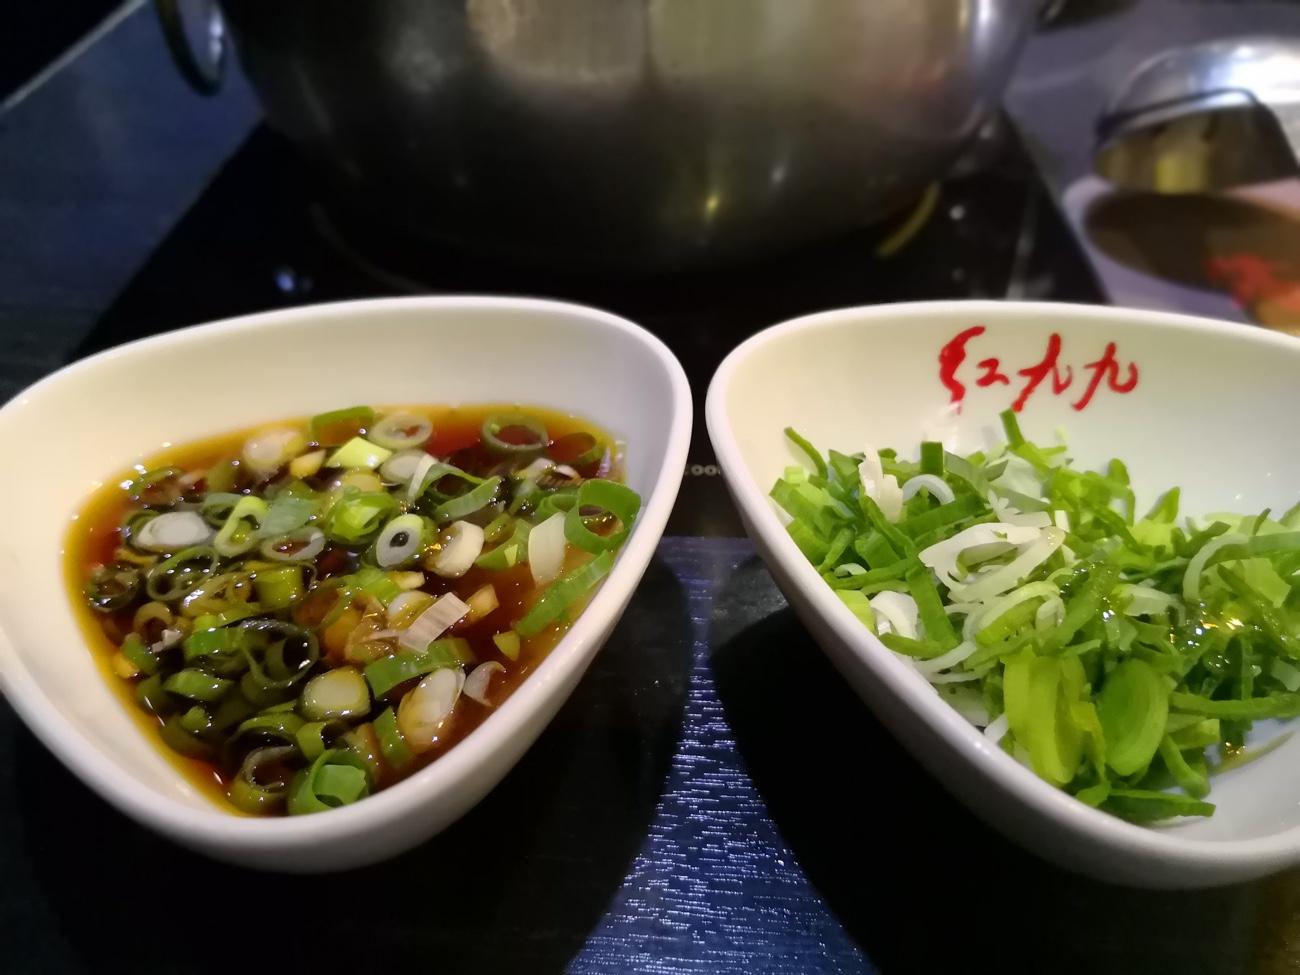 紅九九個人麻辣鍋 台北一人旅 食事